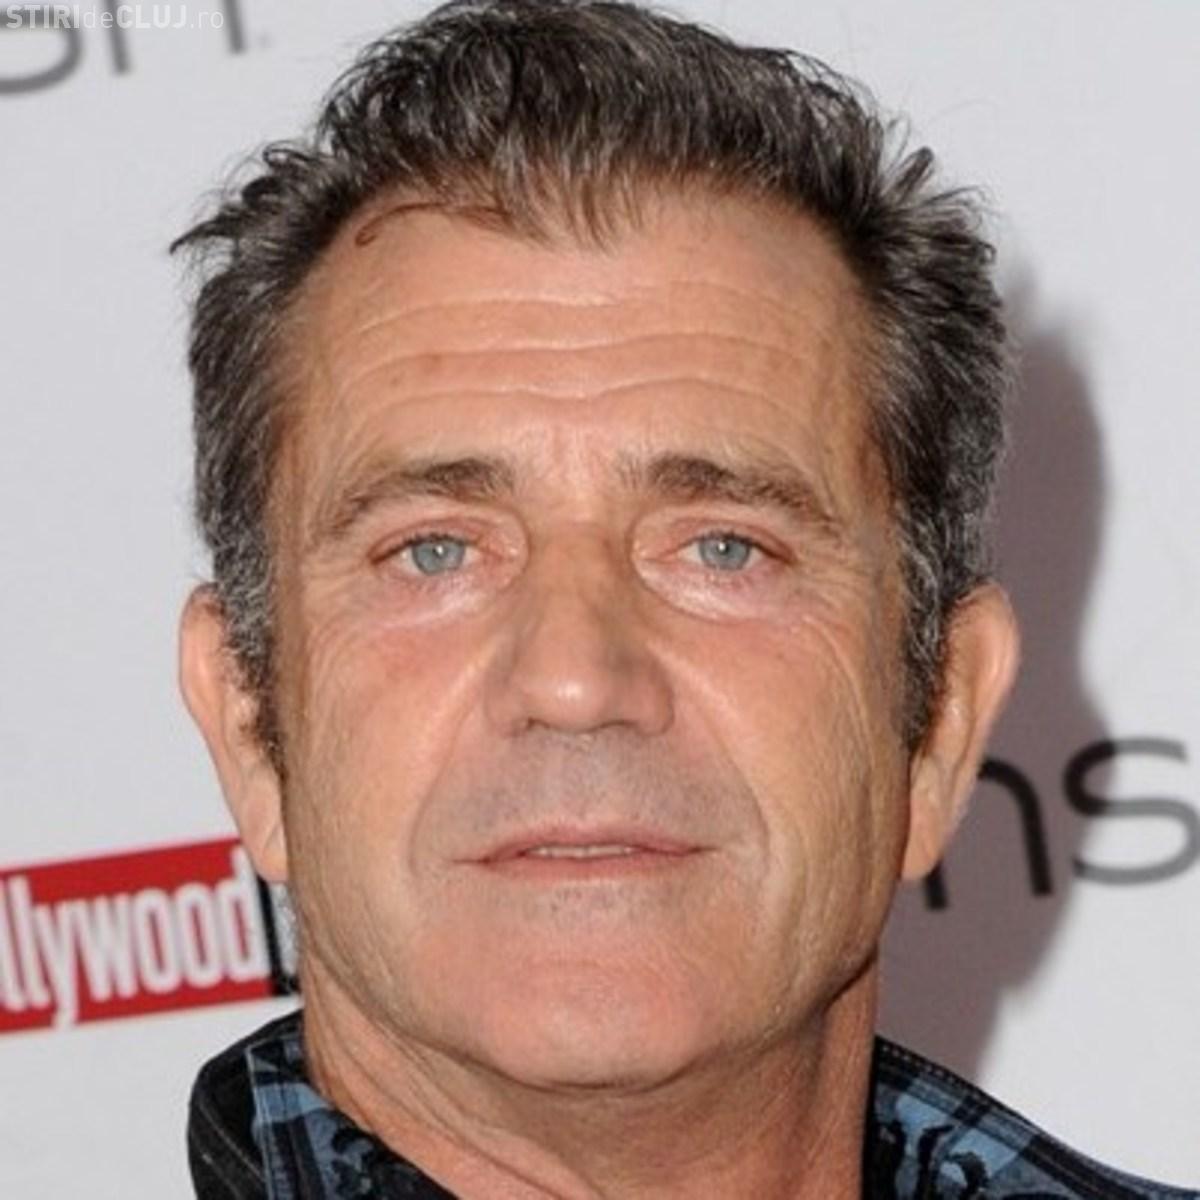 Cum arată Mel Gibson după ce a slăbit 14 kg în 2 luni - VIDEO